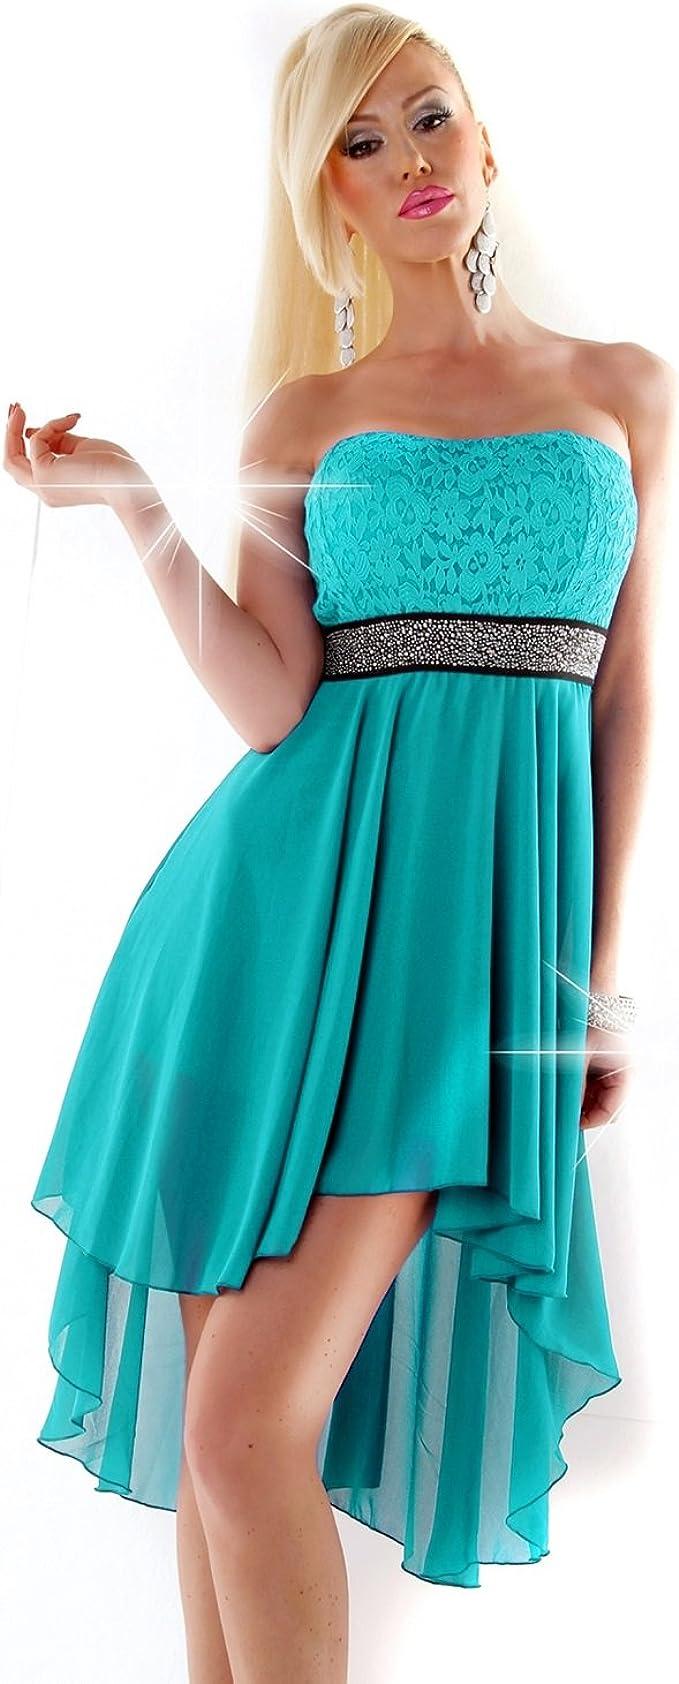 Fashion Vokuhila Kleid Spitze Strass Abendkleid Abiballkleid vorne kurz  hinten lang Cocktailkleid